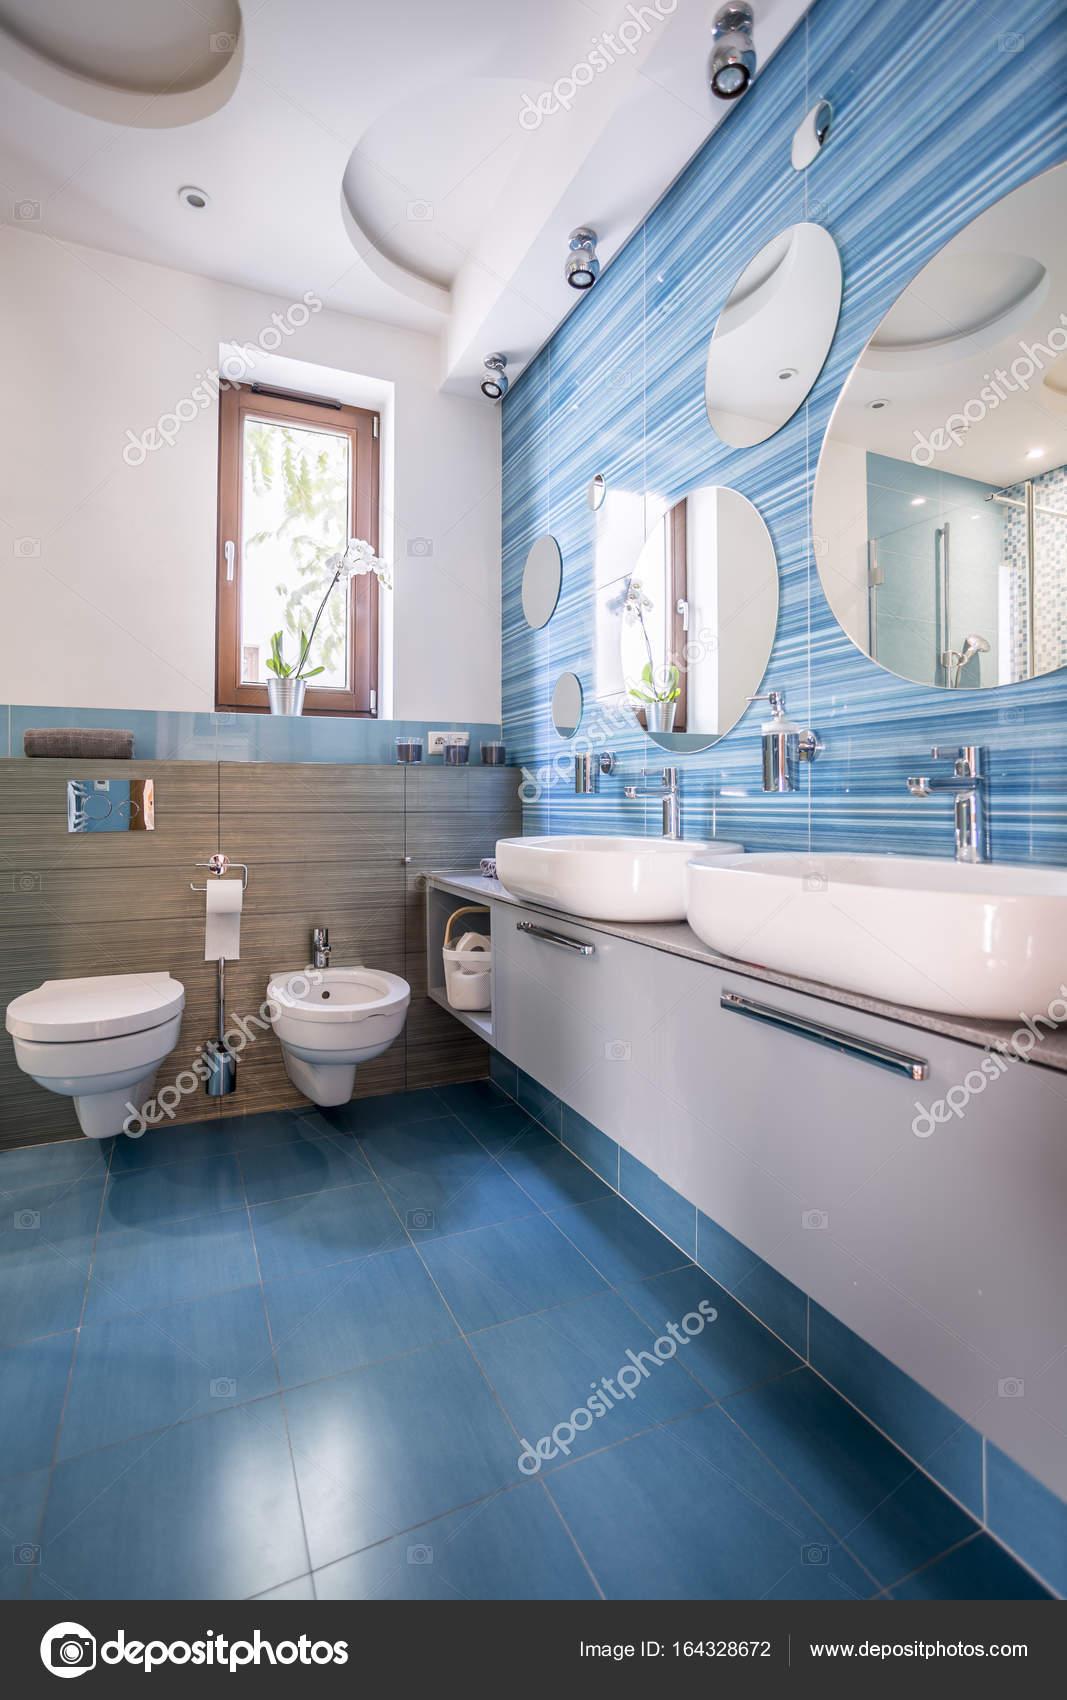 Bagno Con Mattonelle Blu.Bagno Con Piastrelle Blu E Specchi Foto Stock